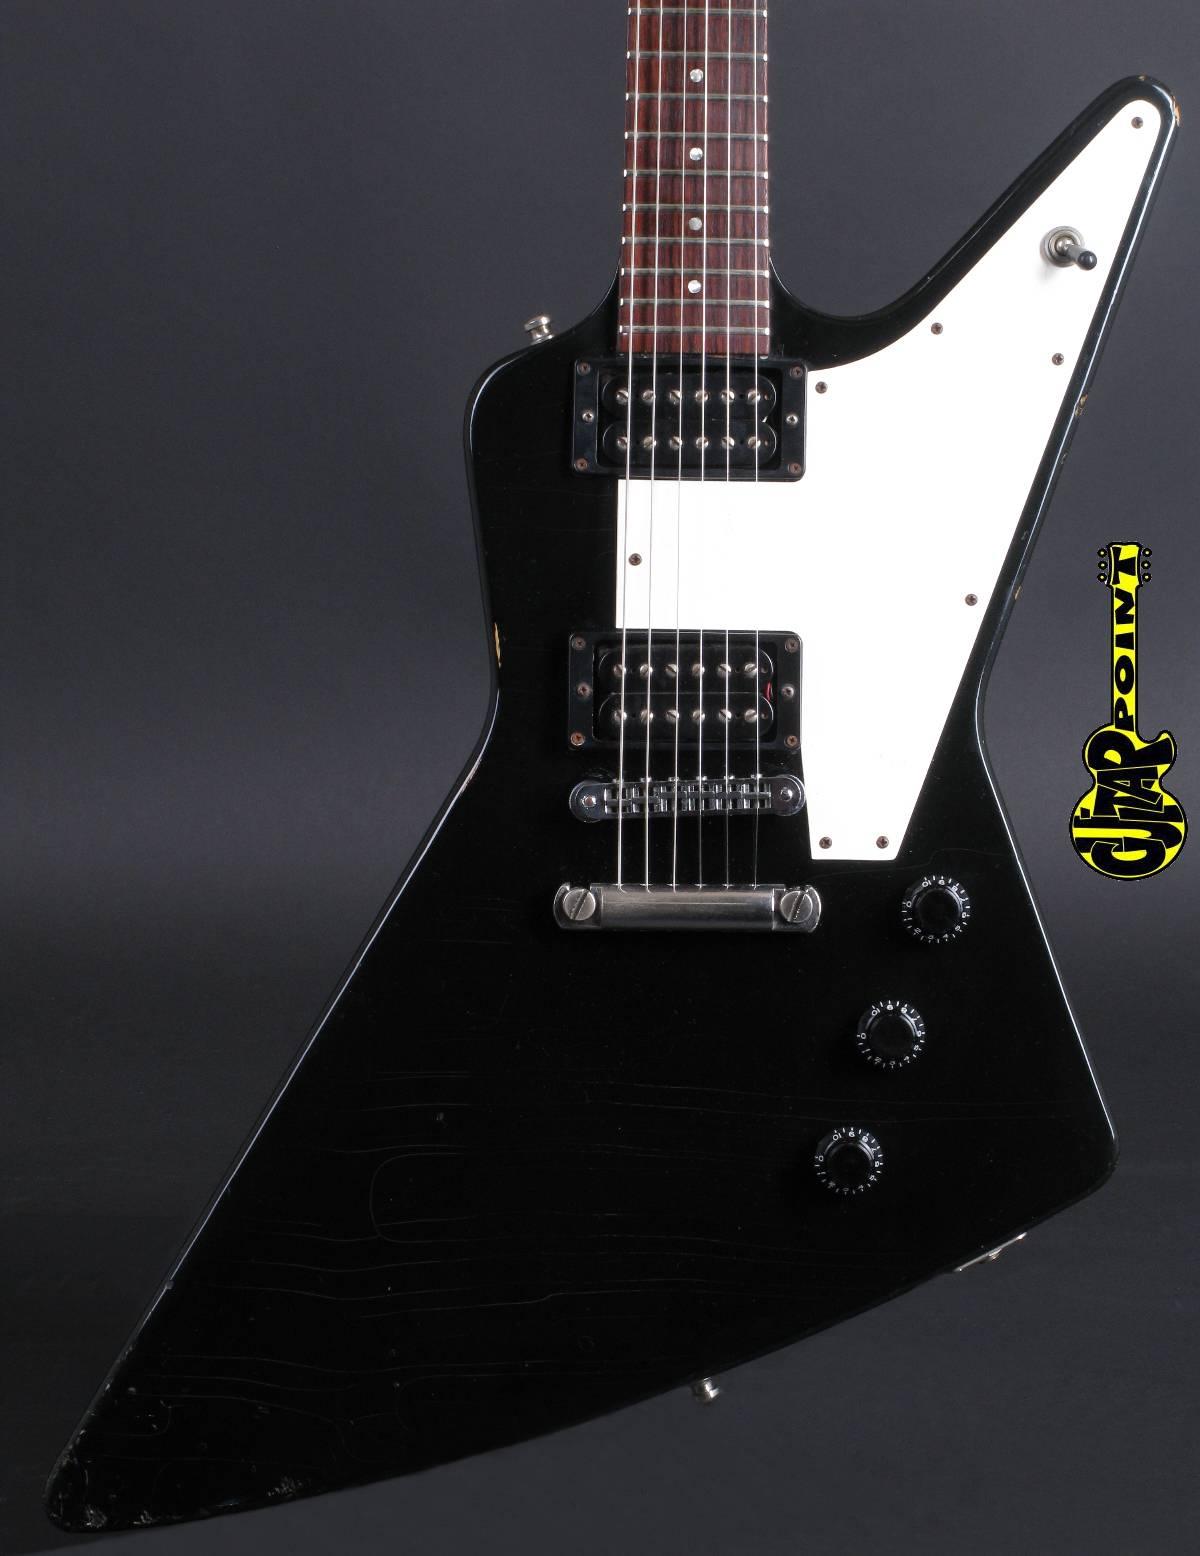 1983 Gibson Explorer I - Ebony